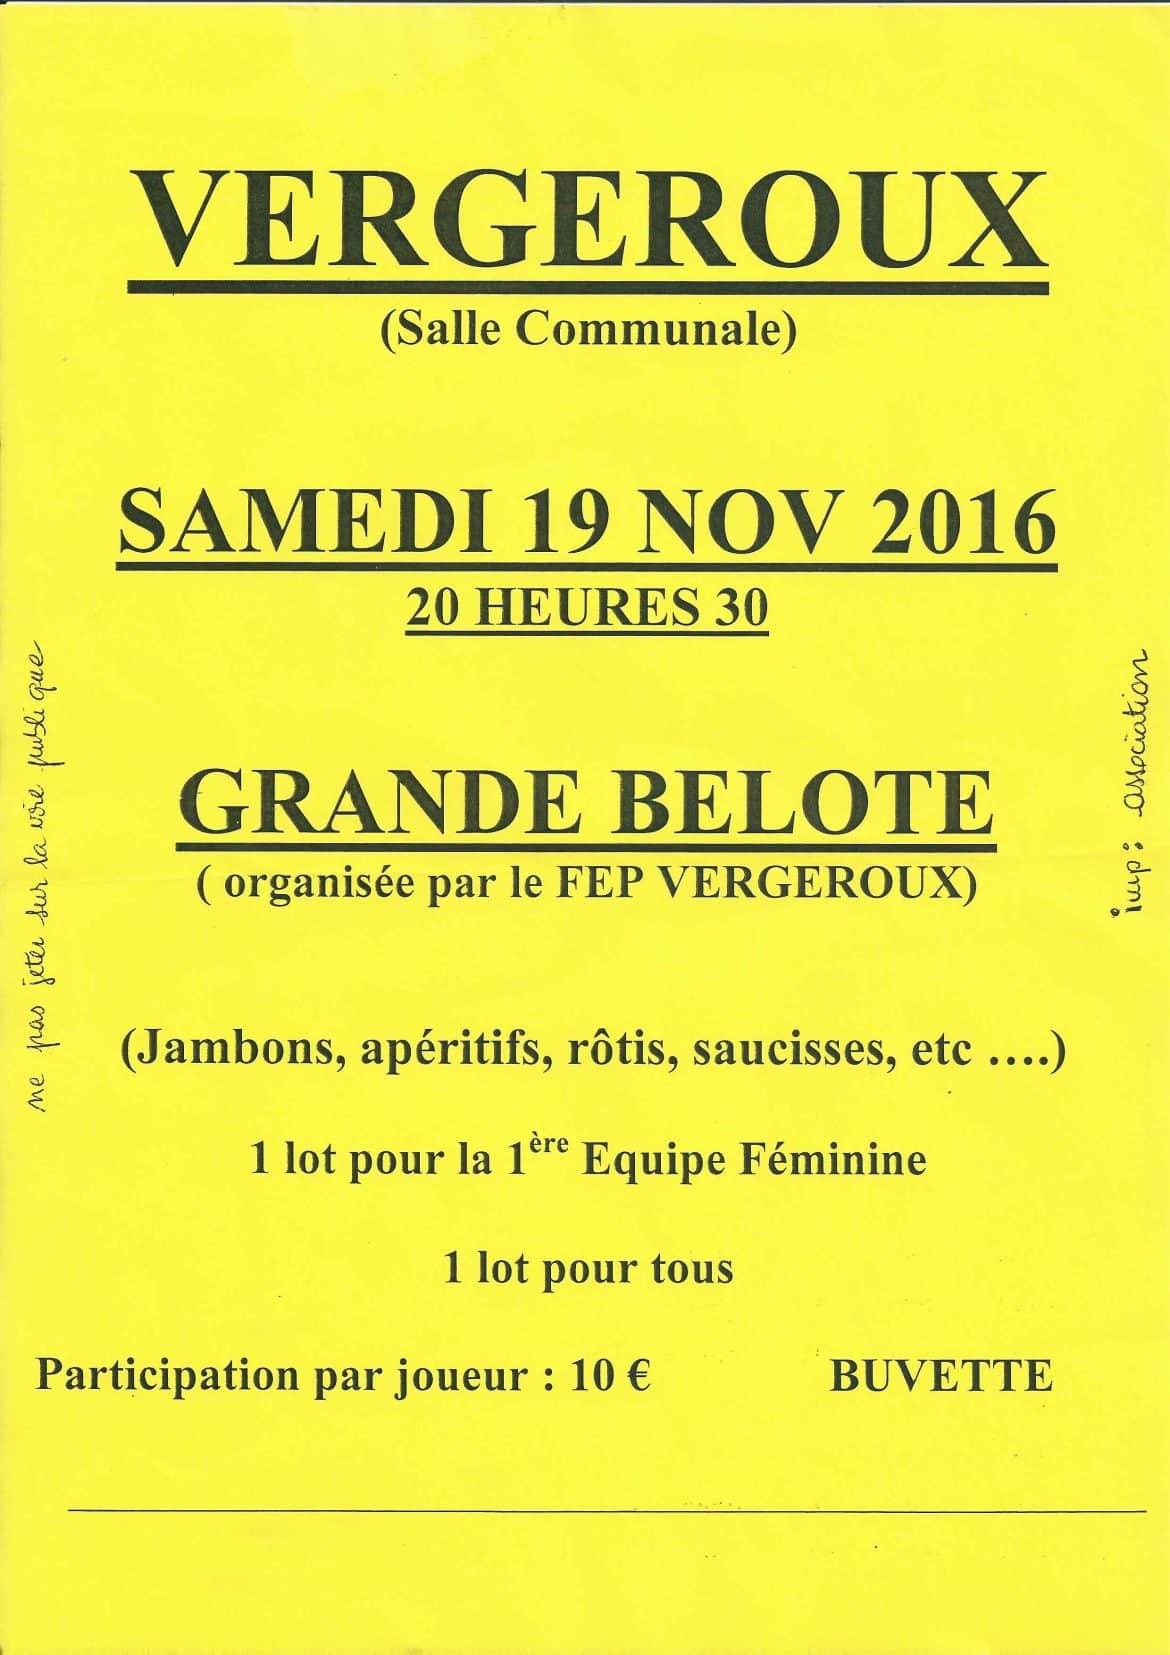 concours de belote le vendredi 28 octobre 2016 à Méricourt